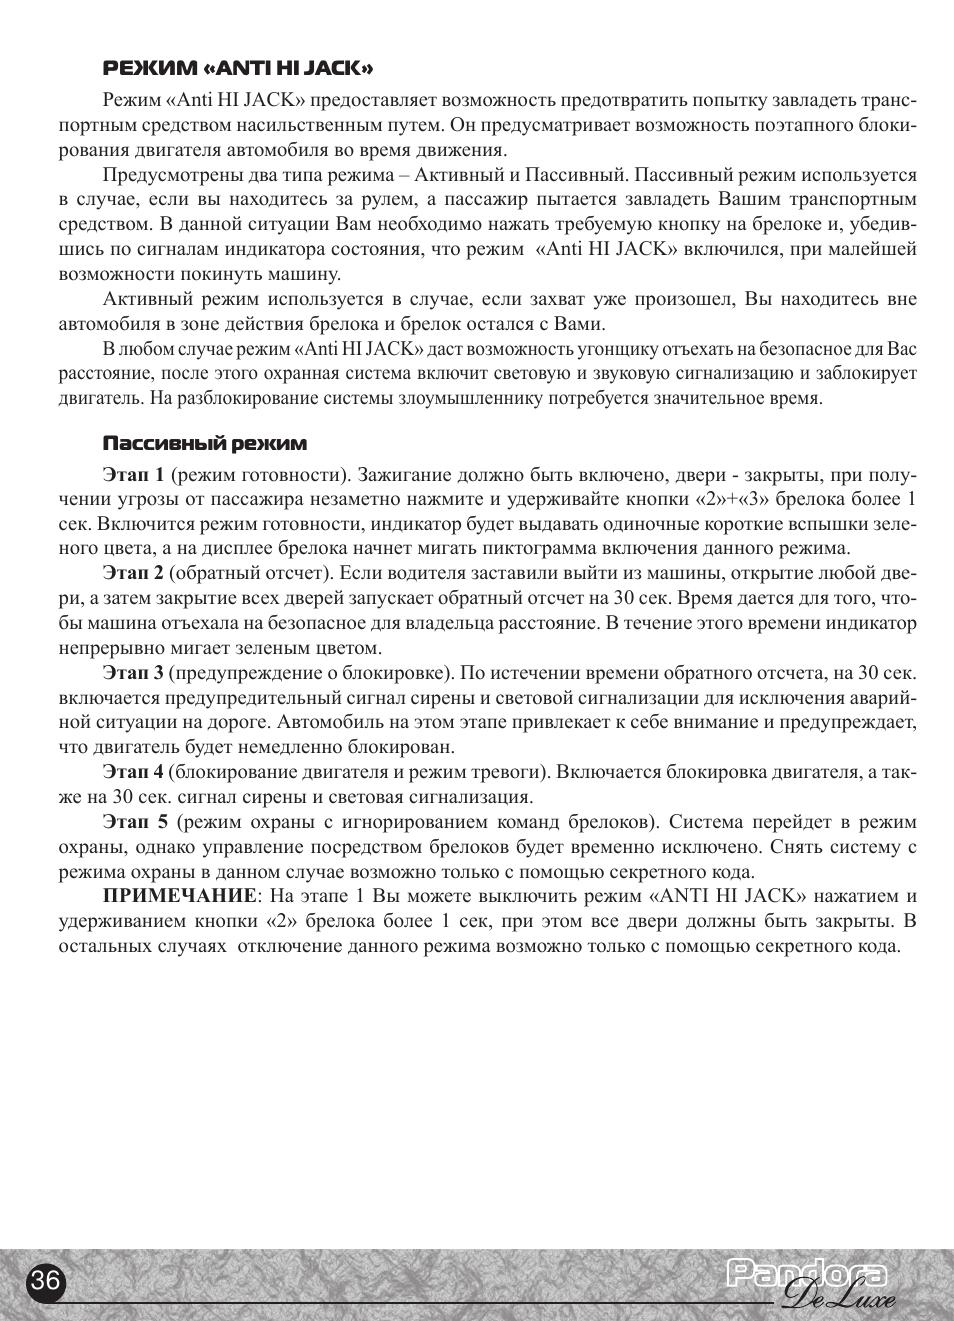 пандора 1870i инструкция по эксплуатации pdf